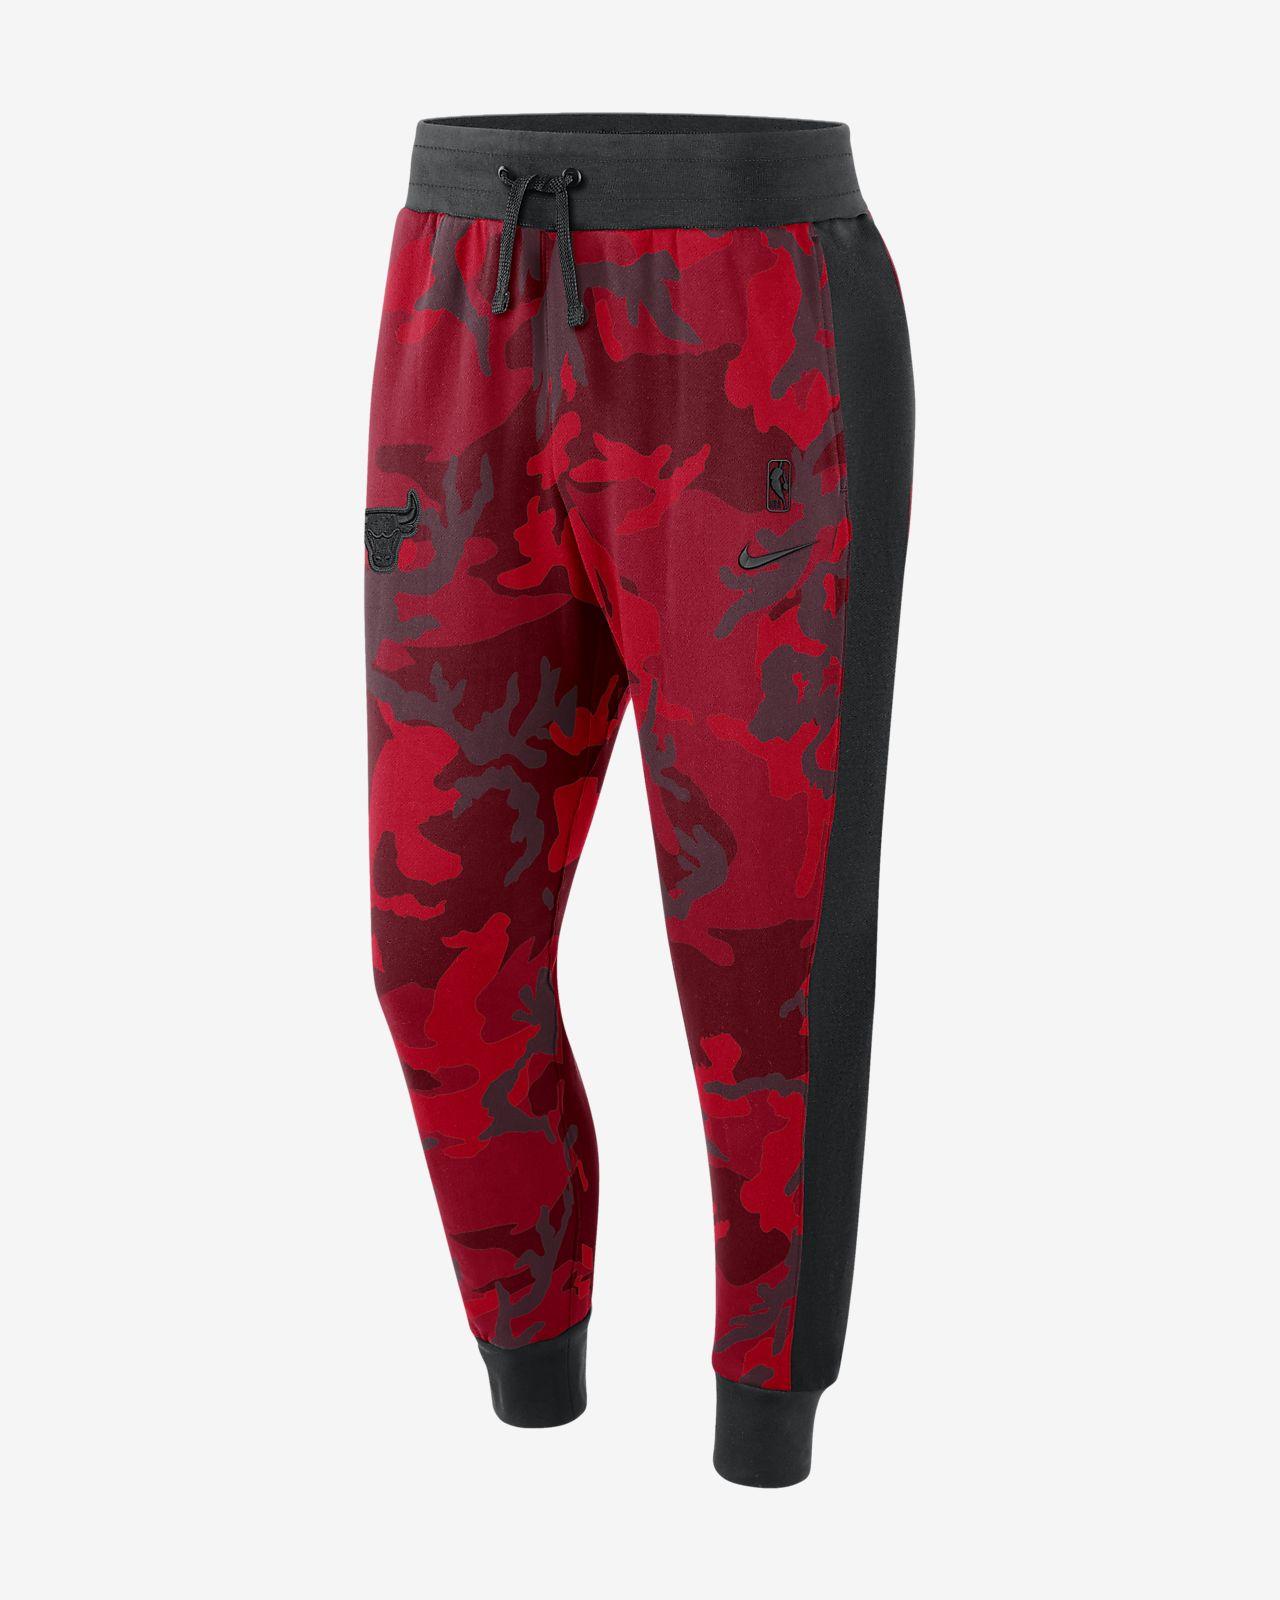 Ανδρικό παντελόνι NBA Chicago Bulls Nike